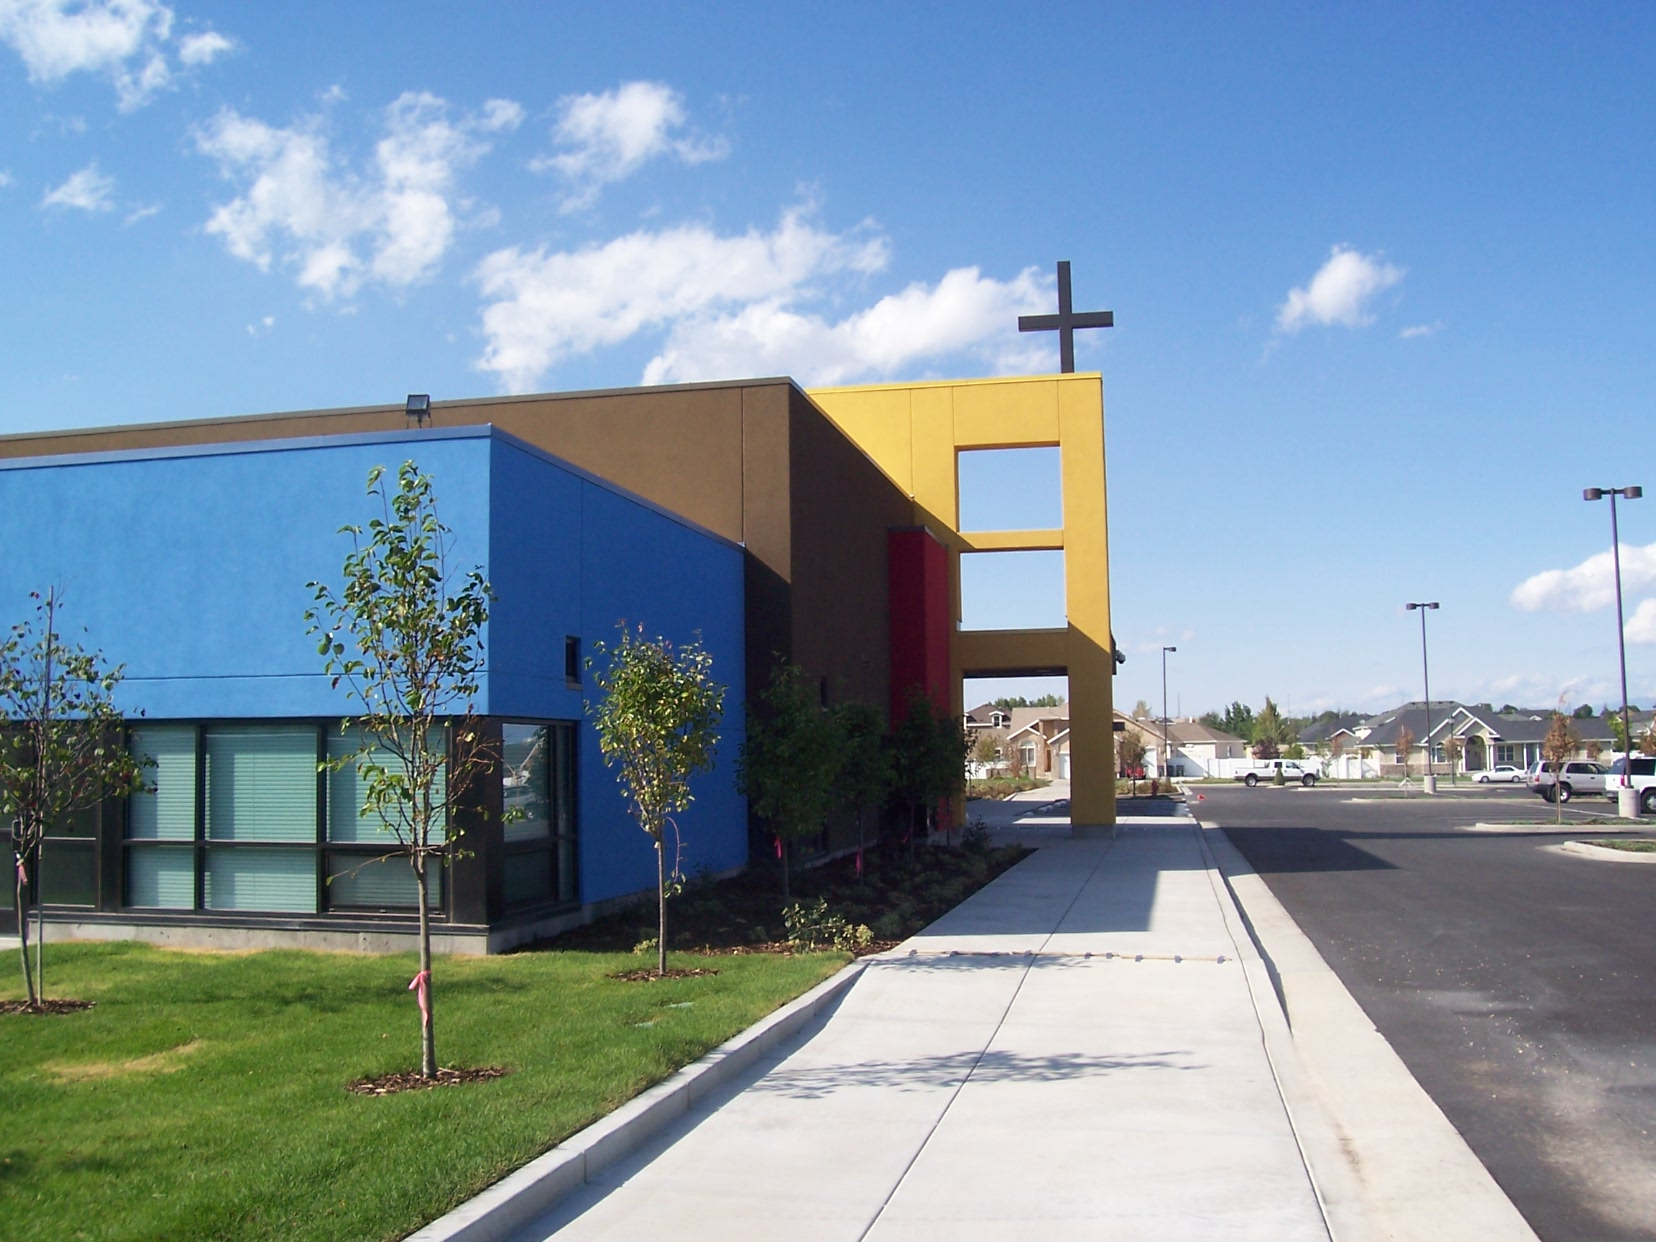 St. Andrew Catholic Elementary School